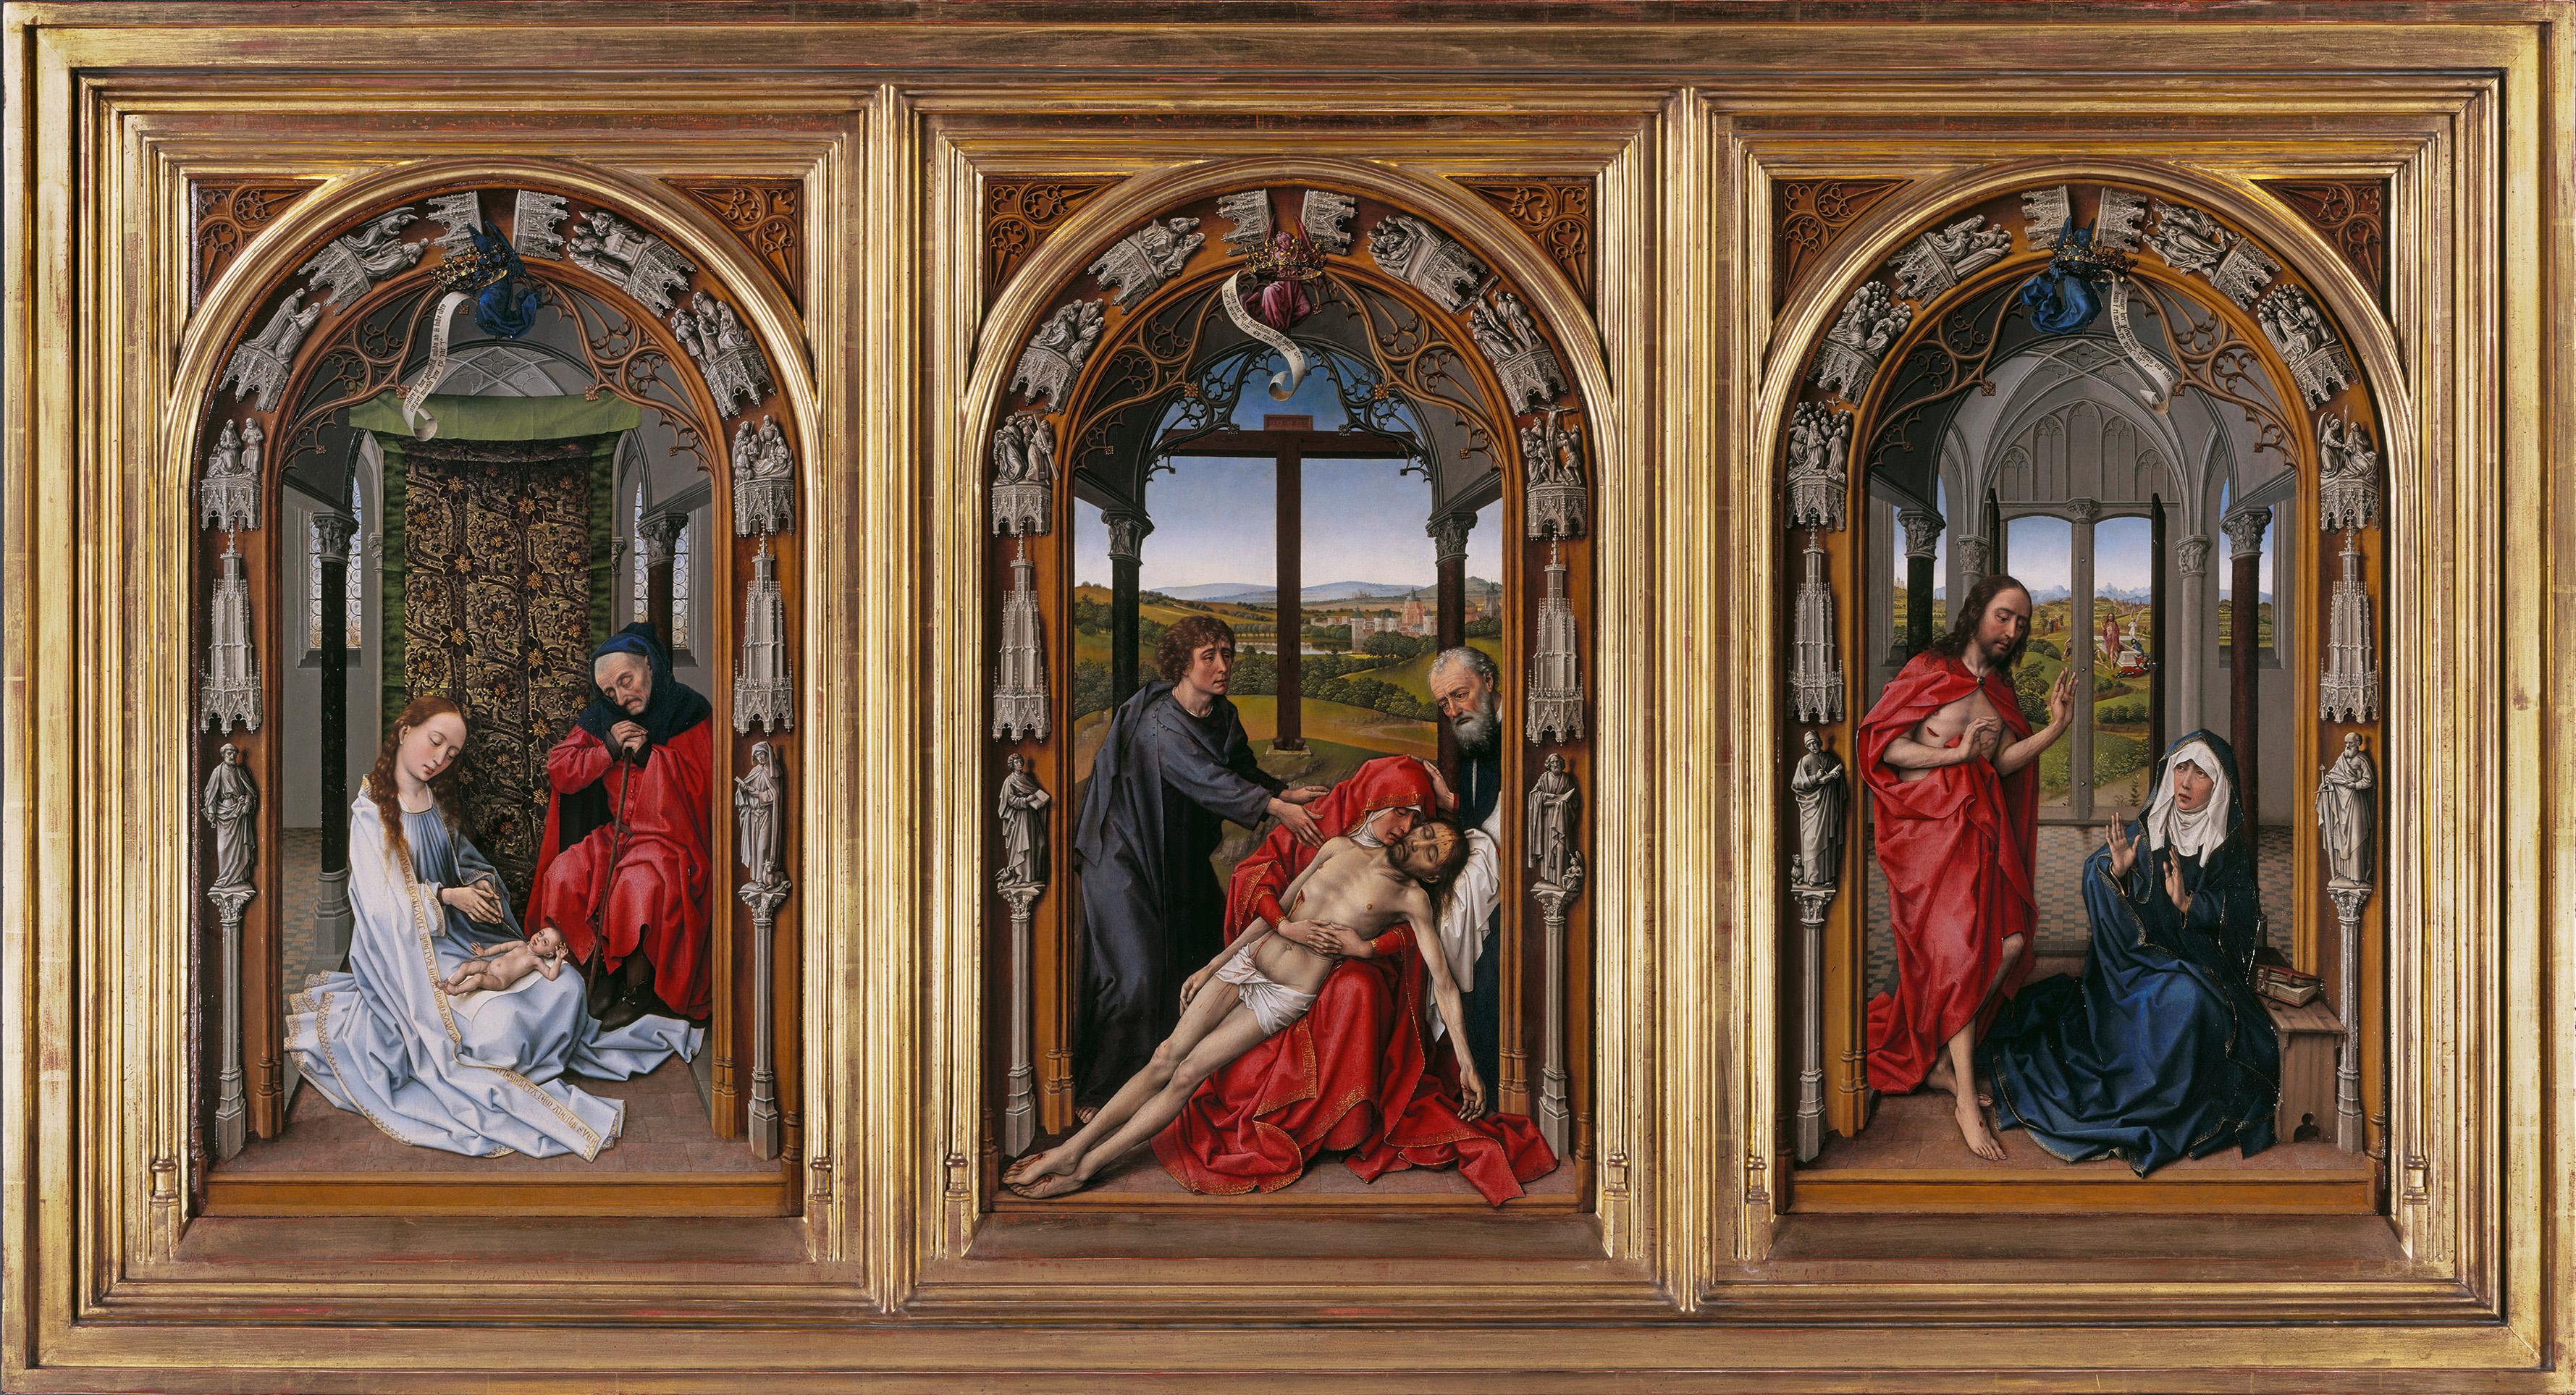 Tríptico de Miraflores, por Rogier van der Weyden, óleo sobre tabla de roble, antes de 1445, Berlín, Gemäldegalerie, Staatliche Museen. Arriba, detalle de El Calvario.